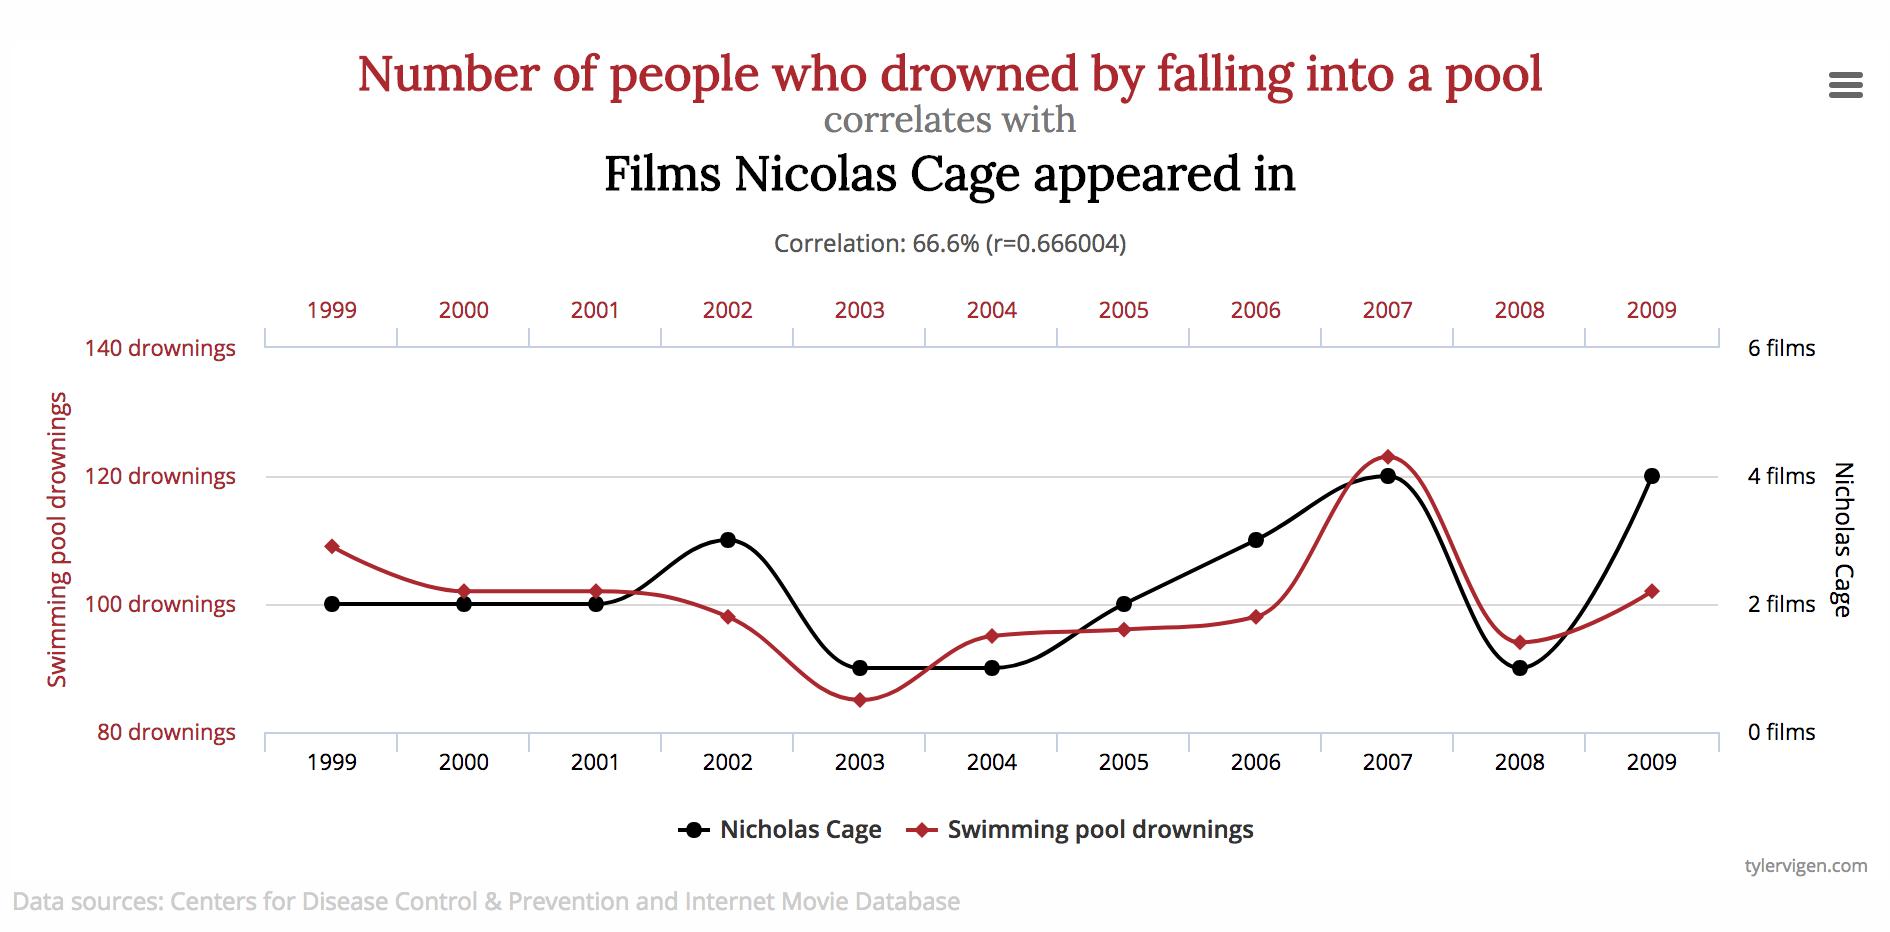 Får Nicolas Cage-film folk til at drukne i deres pool – eller er sammenhængen tilfældig?  Her  kan du finde en række eksempler på flotte sammenhænge, der næppe er udtryk for årsagssammenhænge og som minder os om ikke at konkludere for hurtigt, når to ting følges ad.